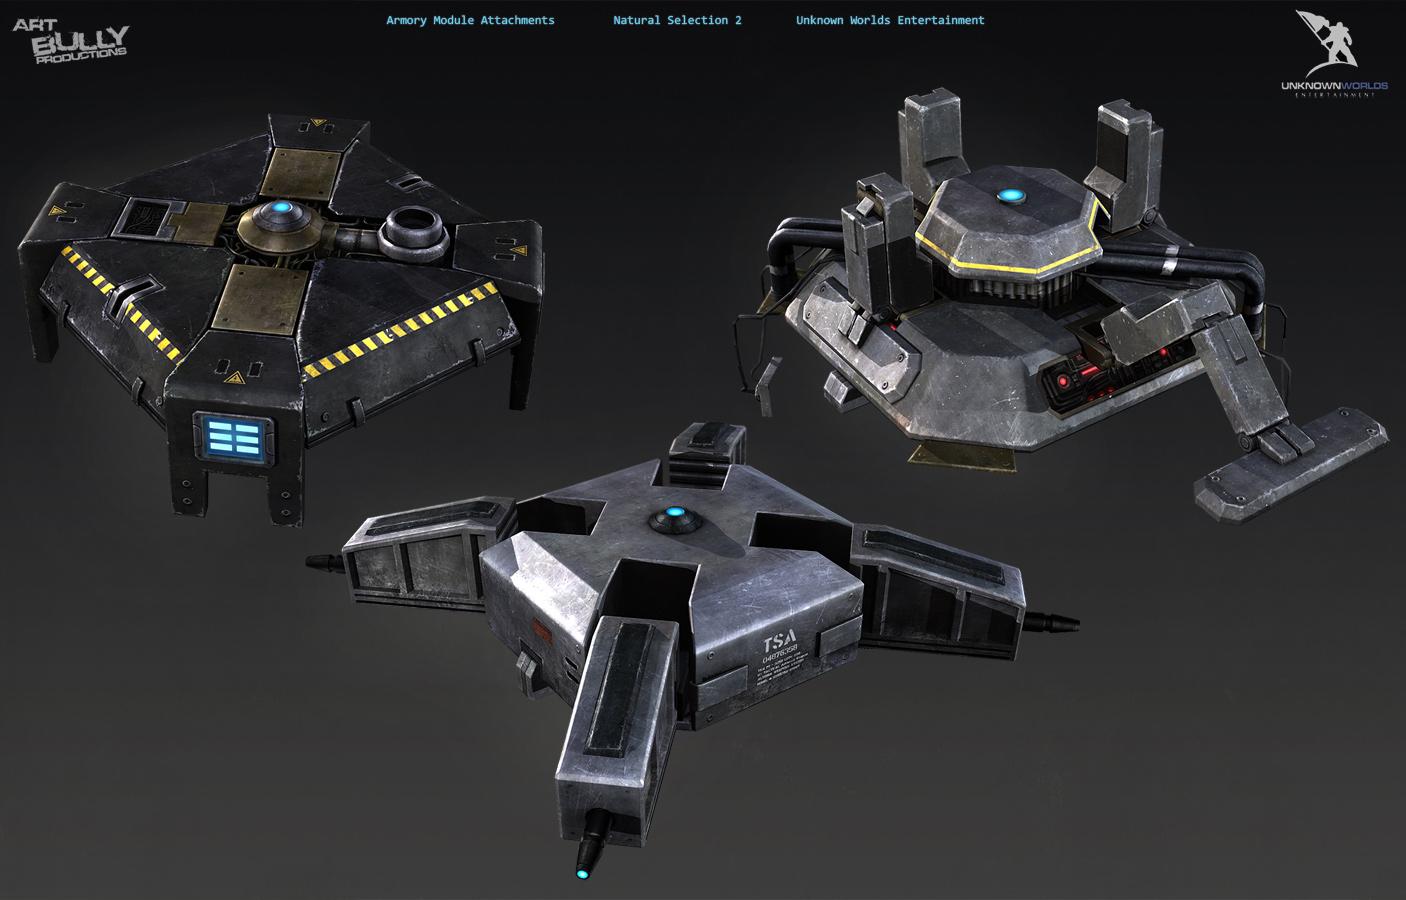 ArmoryModuleAttachmentsRenderABP.jpg